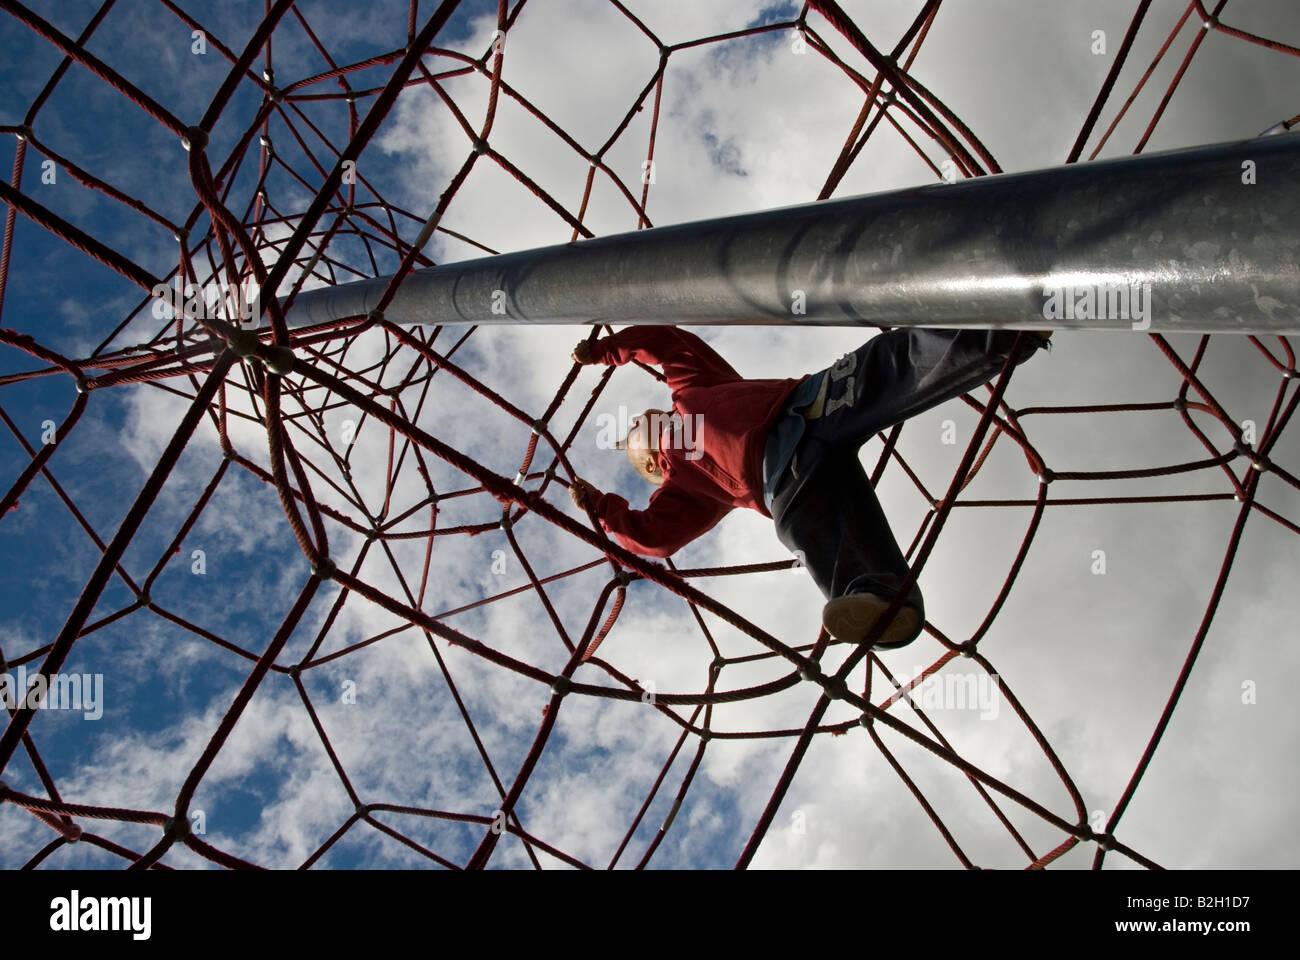 Klettergerüst Mit Seilen : Stock foto eines jungen klettern auf einem klettergerüst seil